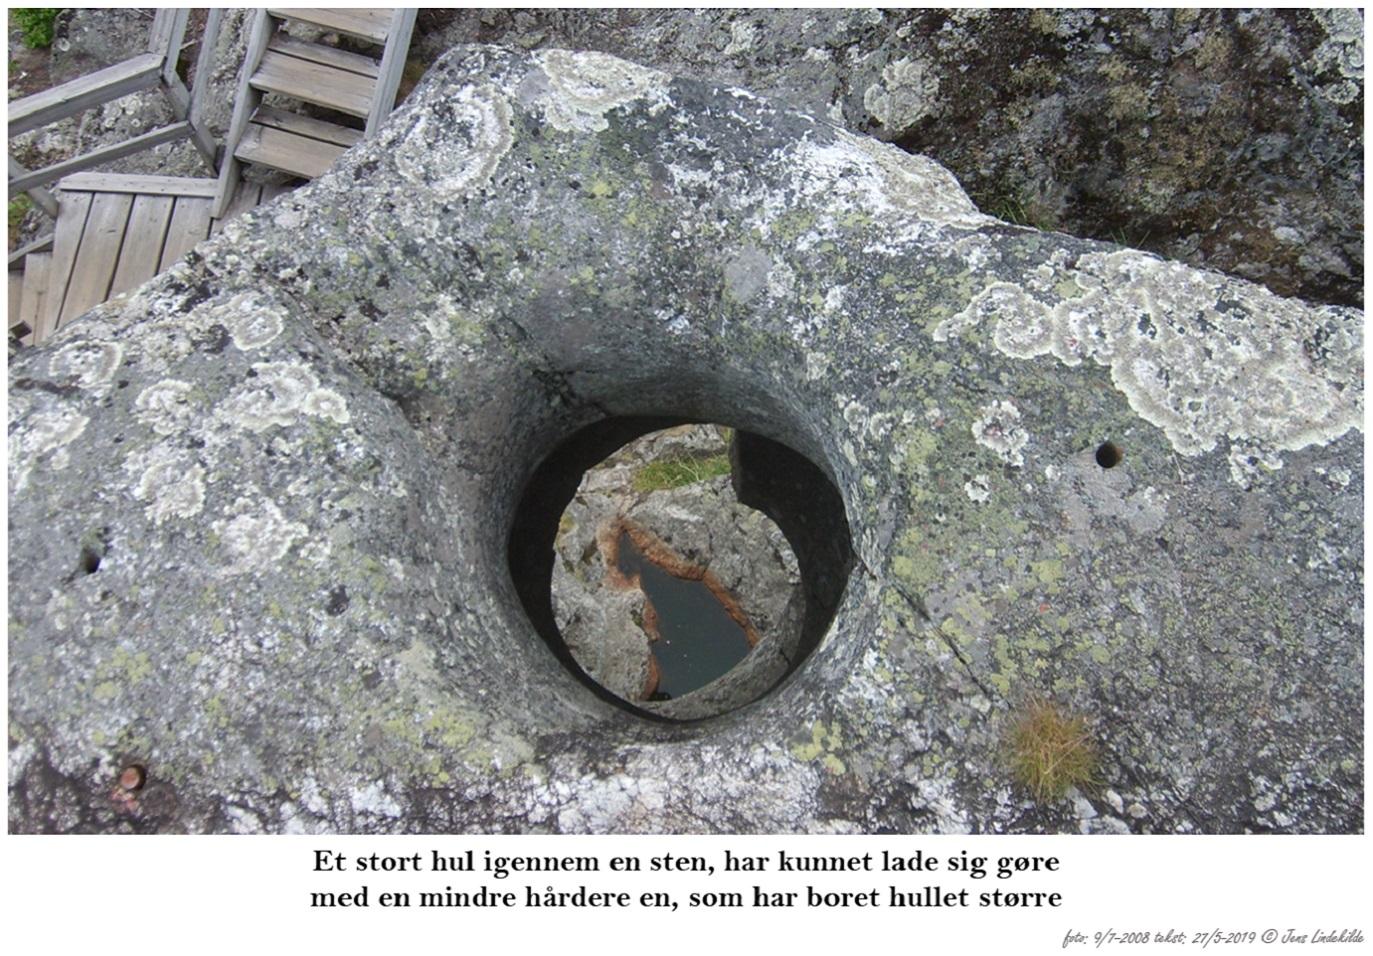 Et-stort-hul-igennem-en-sten